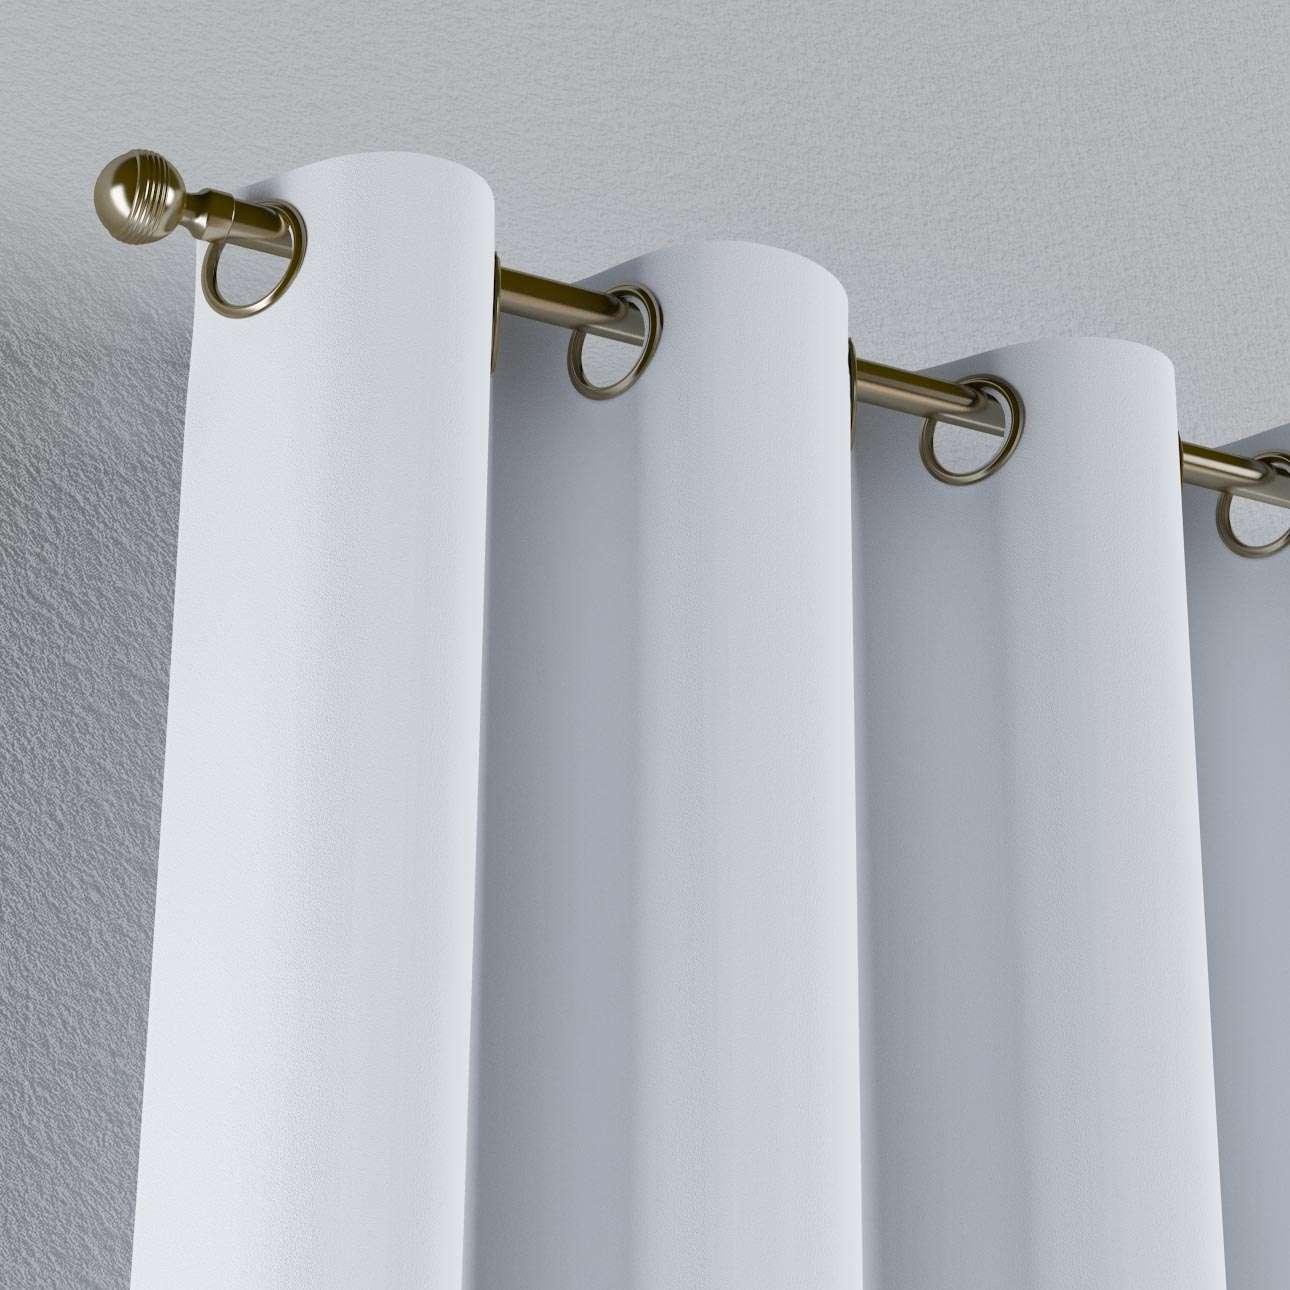 Zasłona zaciemniająca na kółkach 1 szt. w kolekcji Royal Blackout, tkanina: 269-01